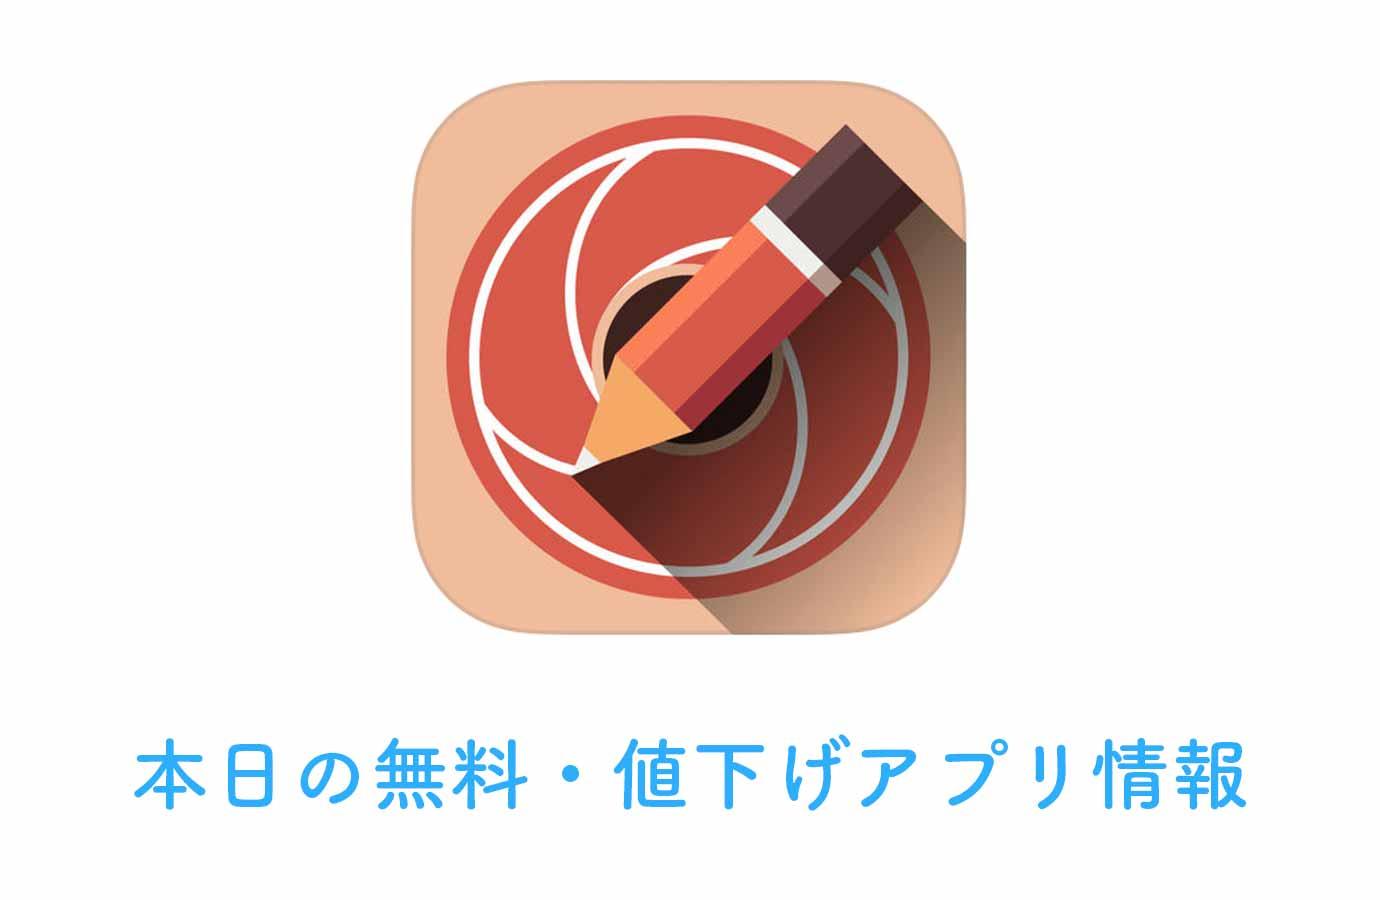 【240円→無料】写真をスケッチ風に加工してくれるアプリ「Sketch Me!」など【2/26】本日の無料・値下げアプリ情報